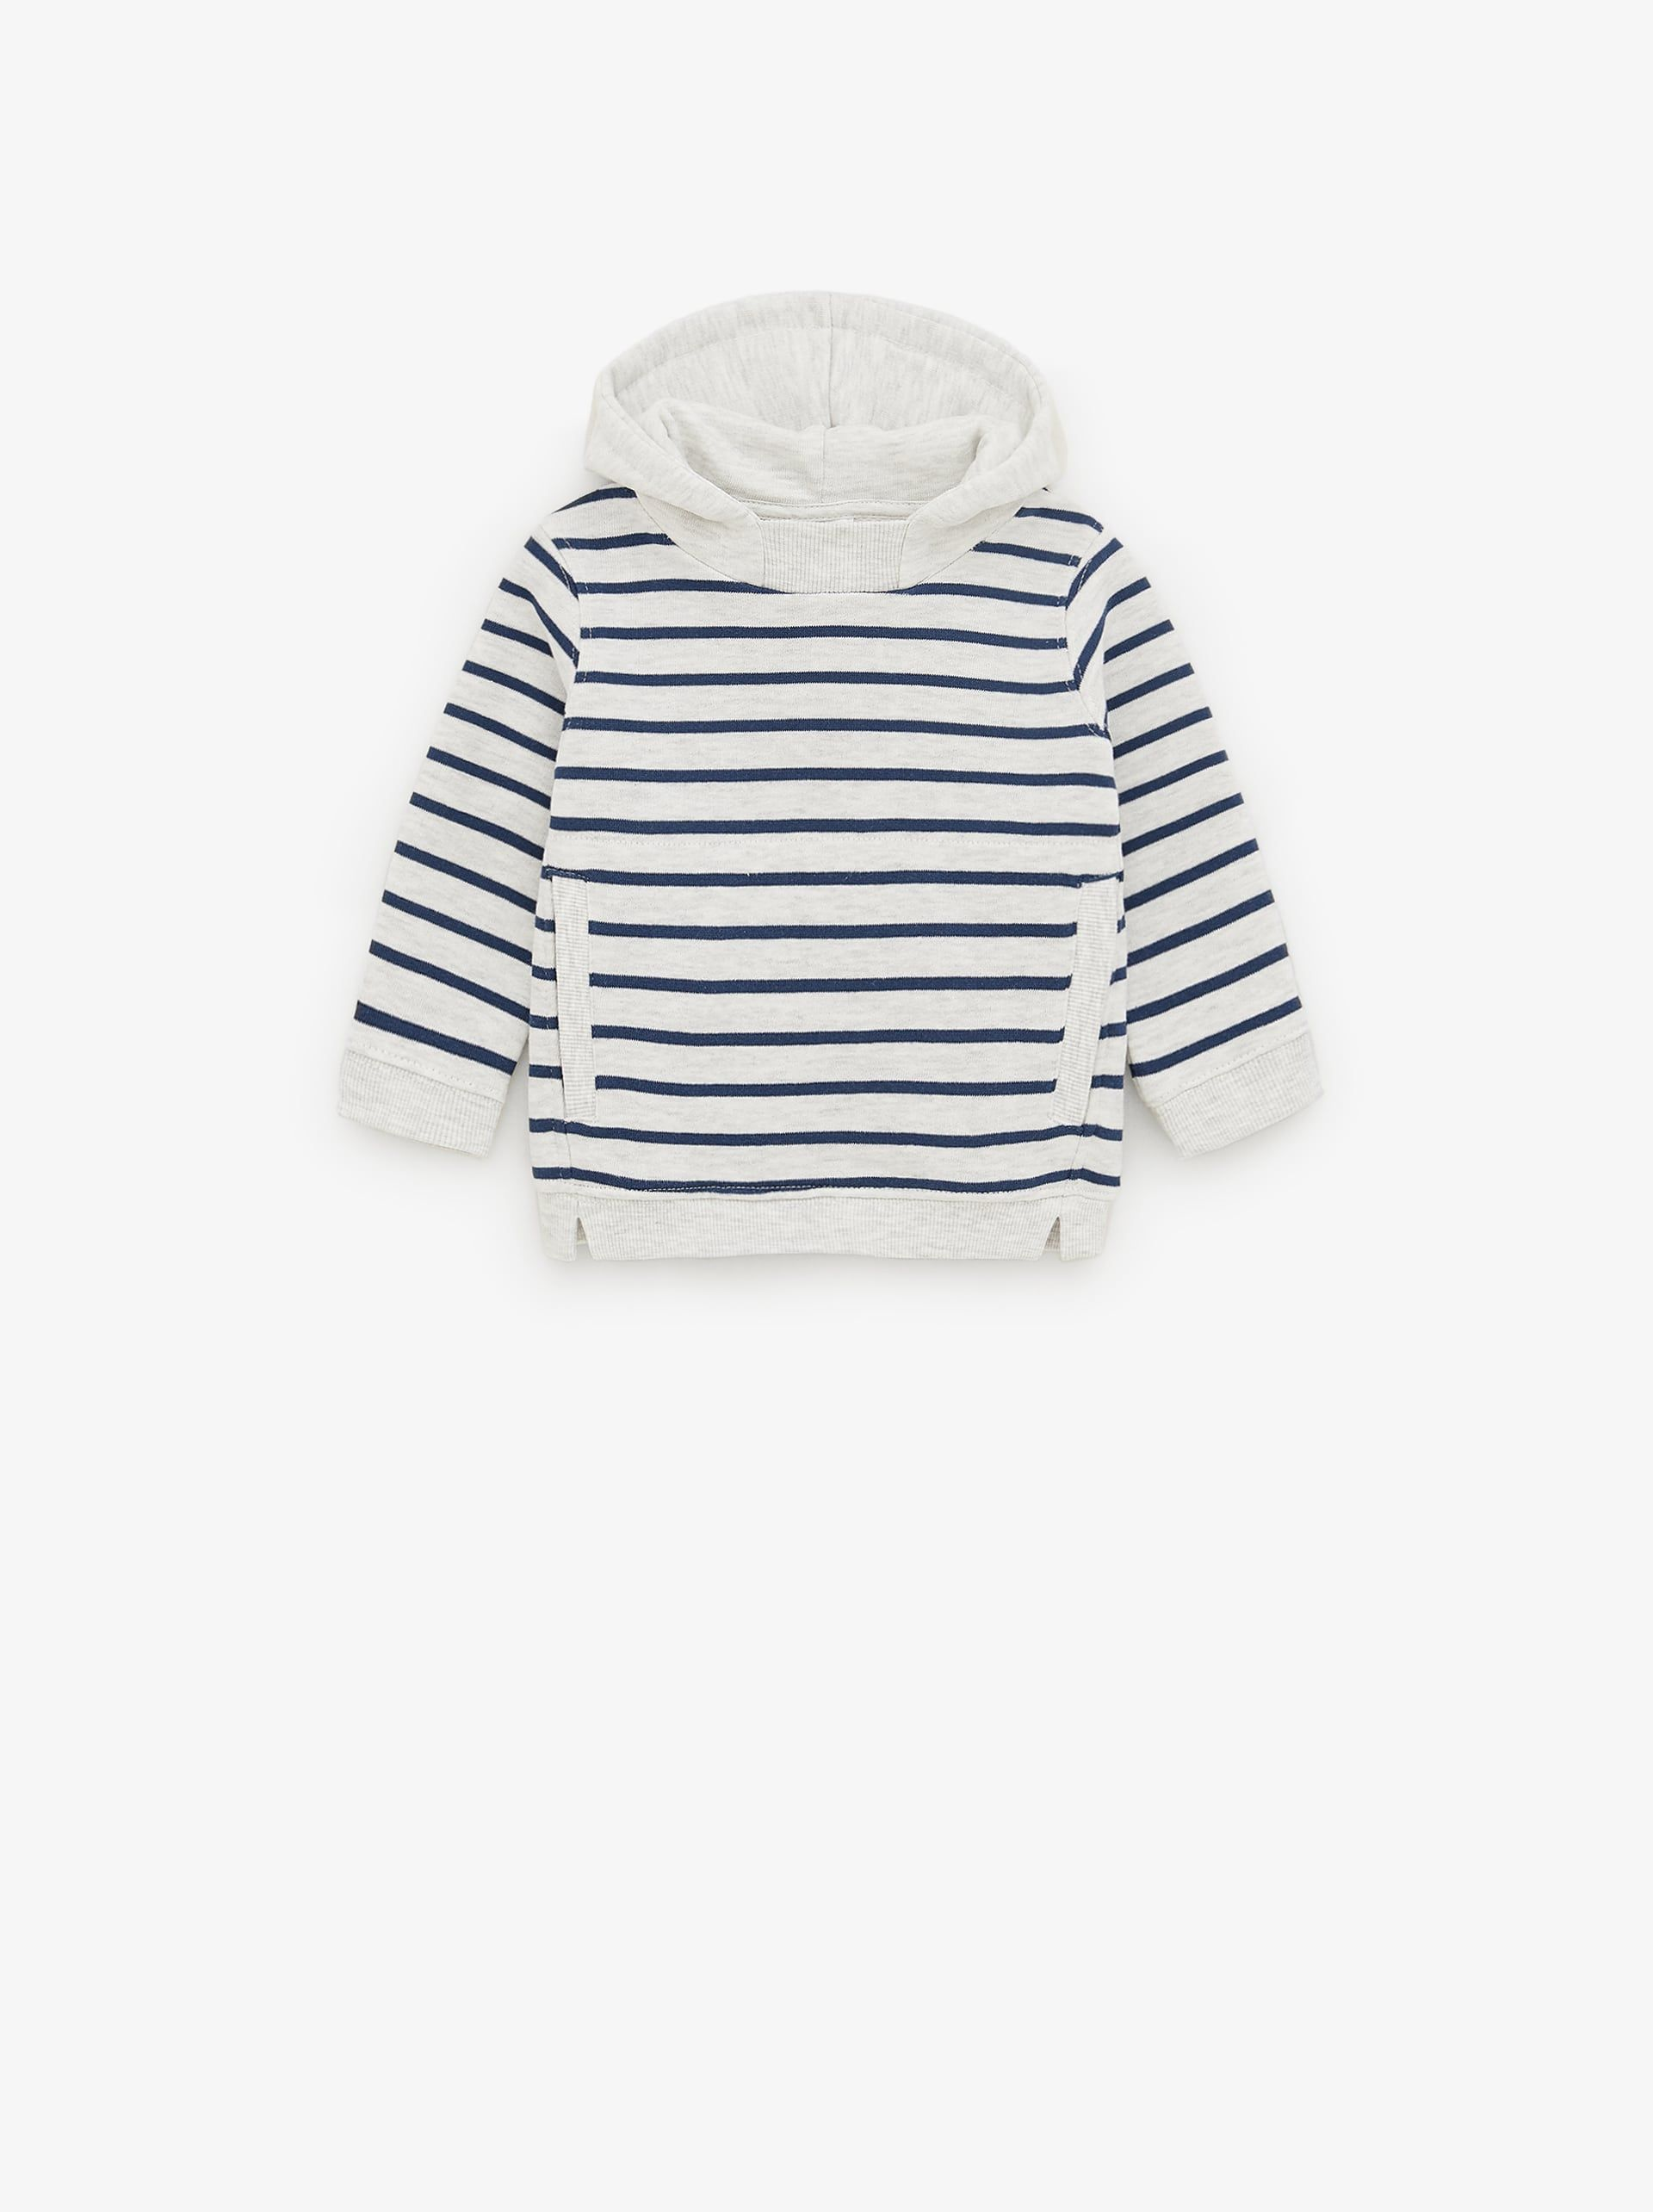 Striped Hoodie Sweatshirt Sweatshirts Baby Boy 3 Months 5 Years Kids Zara United States Striped Hoodie Sweatshirts Hoodie Sweatshirts [ 2569 x 1920 Pixel ]